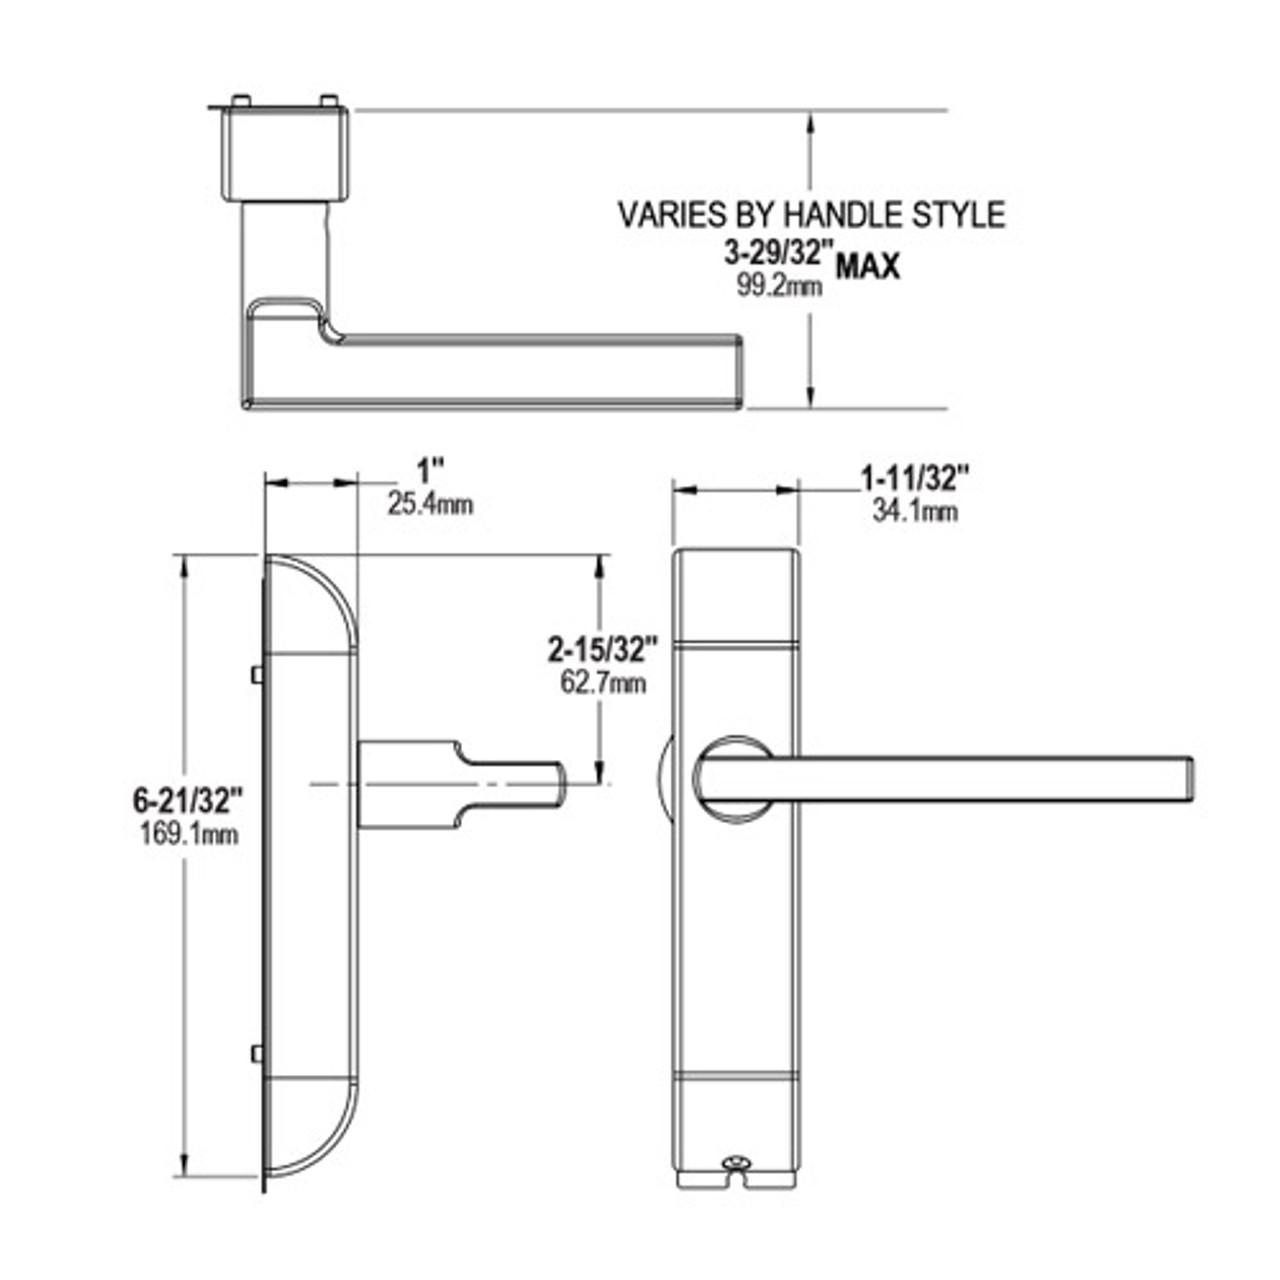 4600-MN-651-US32D Adams Rite MN Designer handle Dimensional View